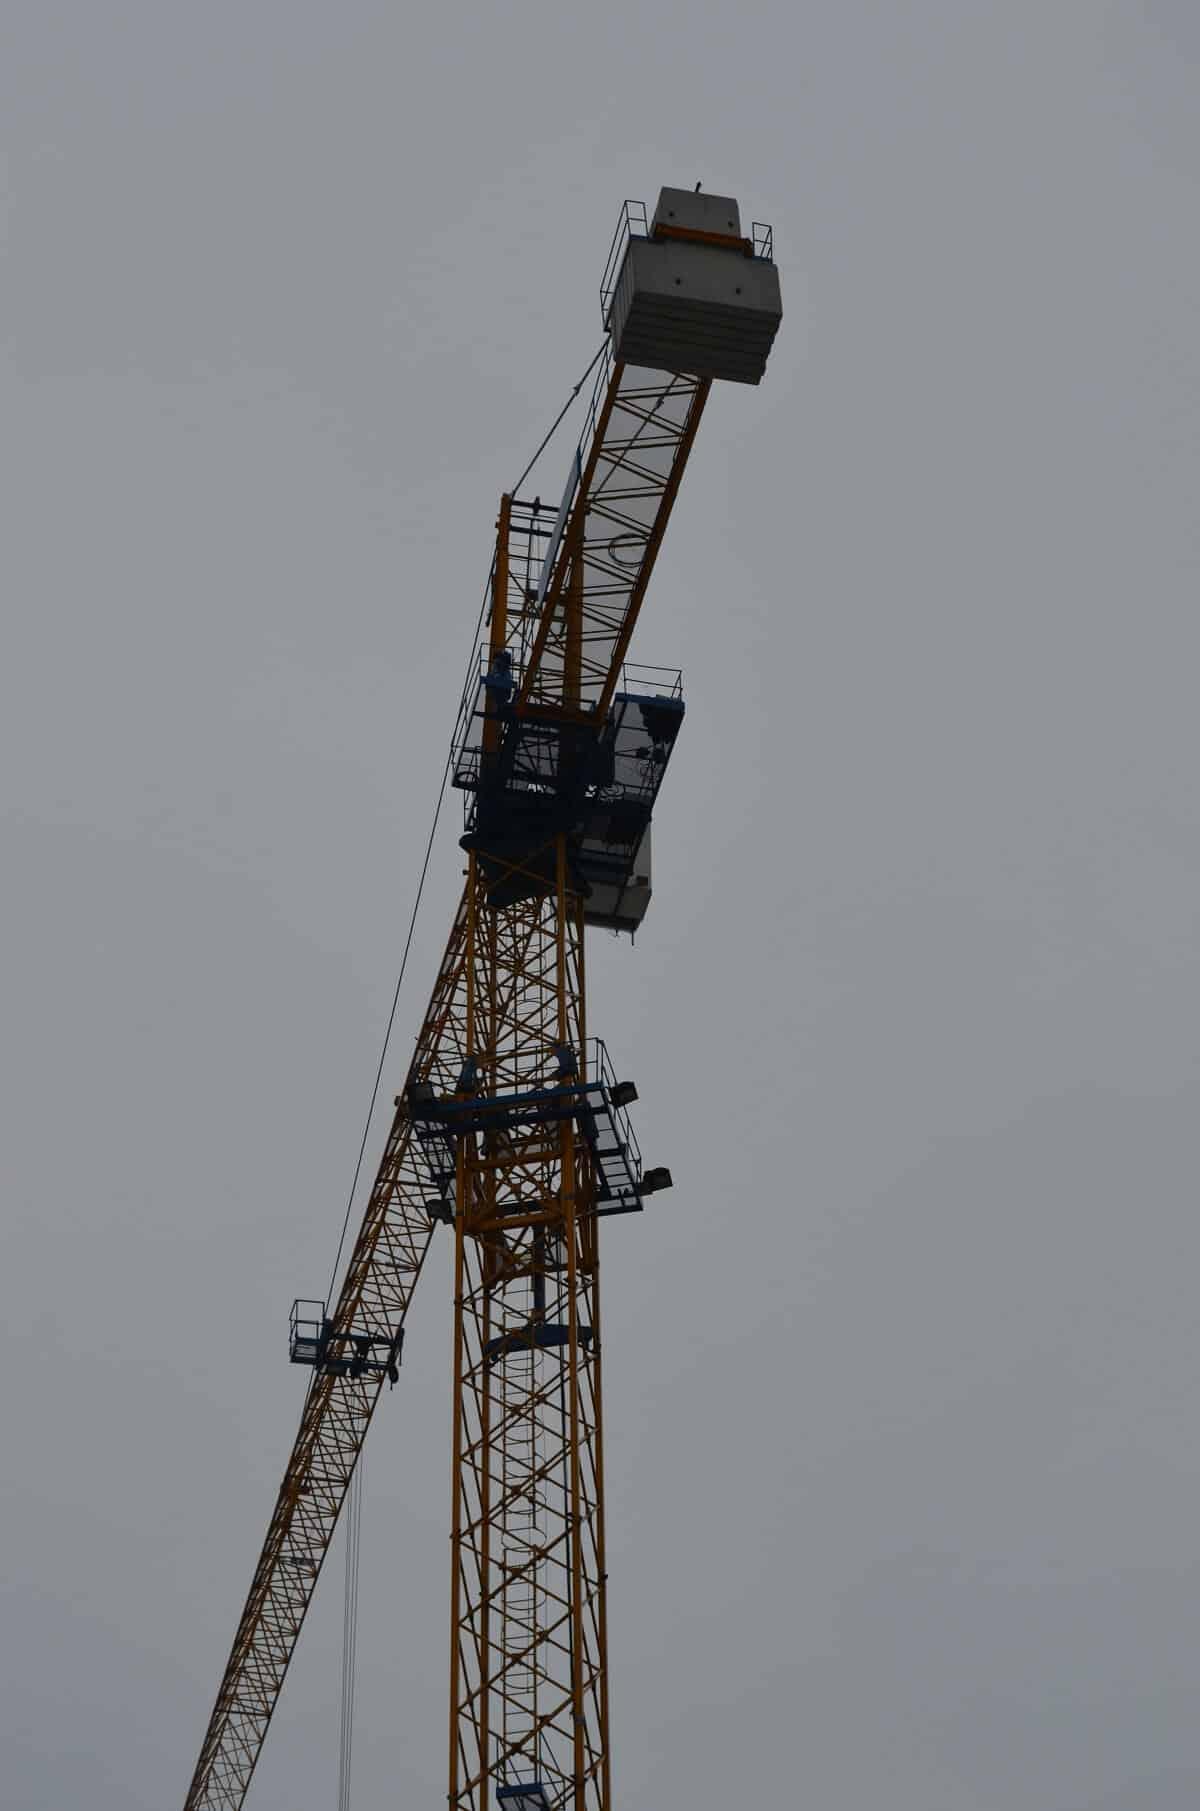 б/у башенный кран Peiner